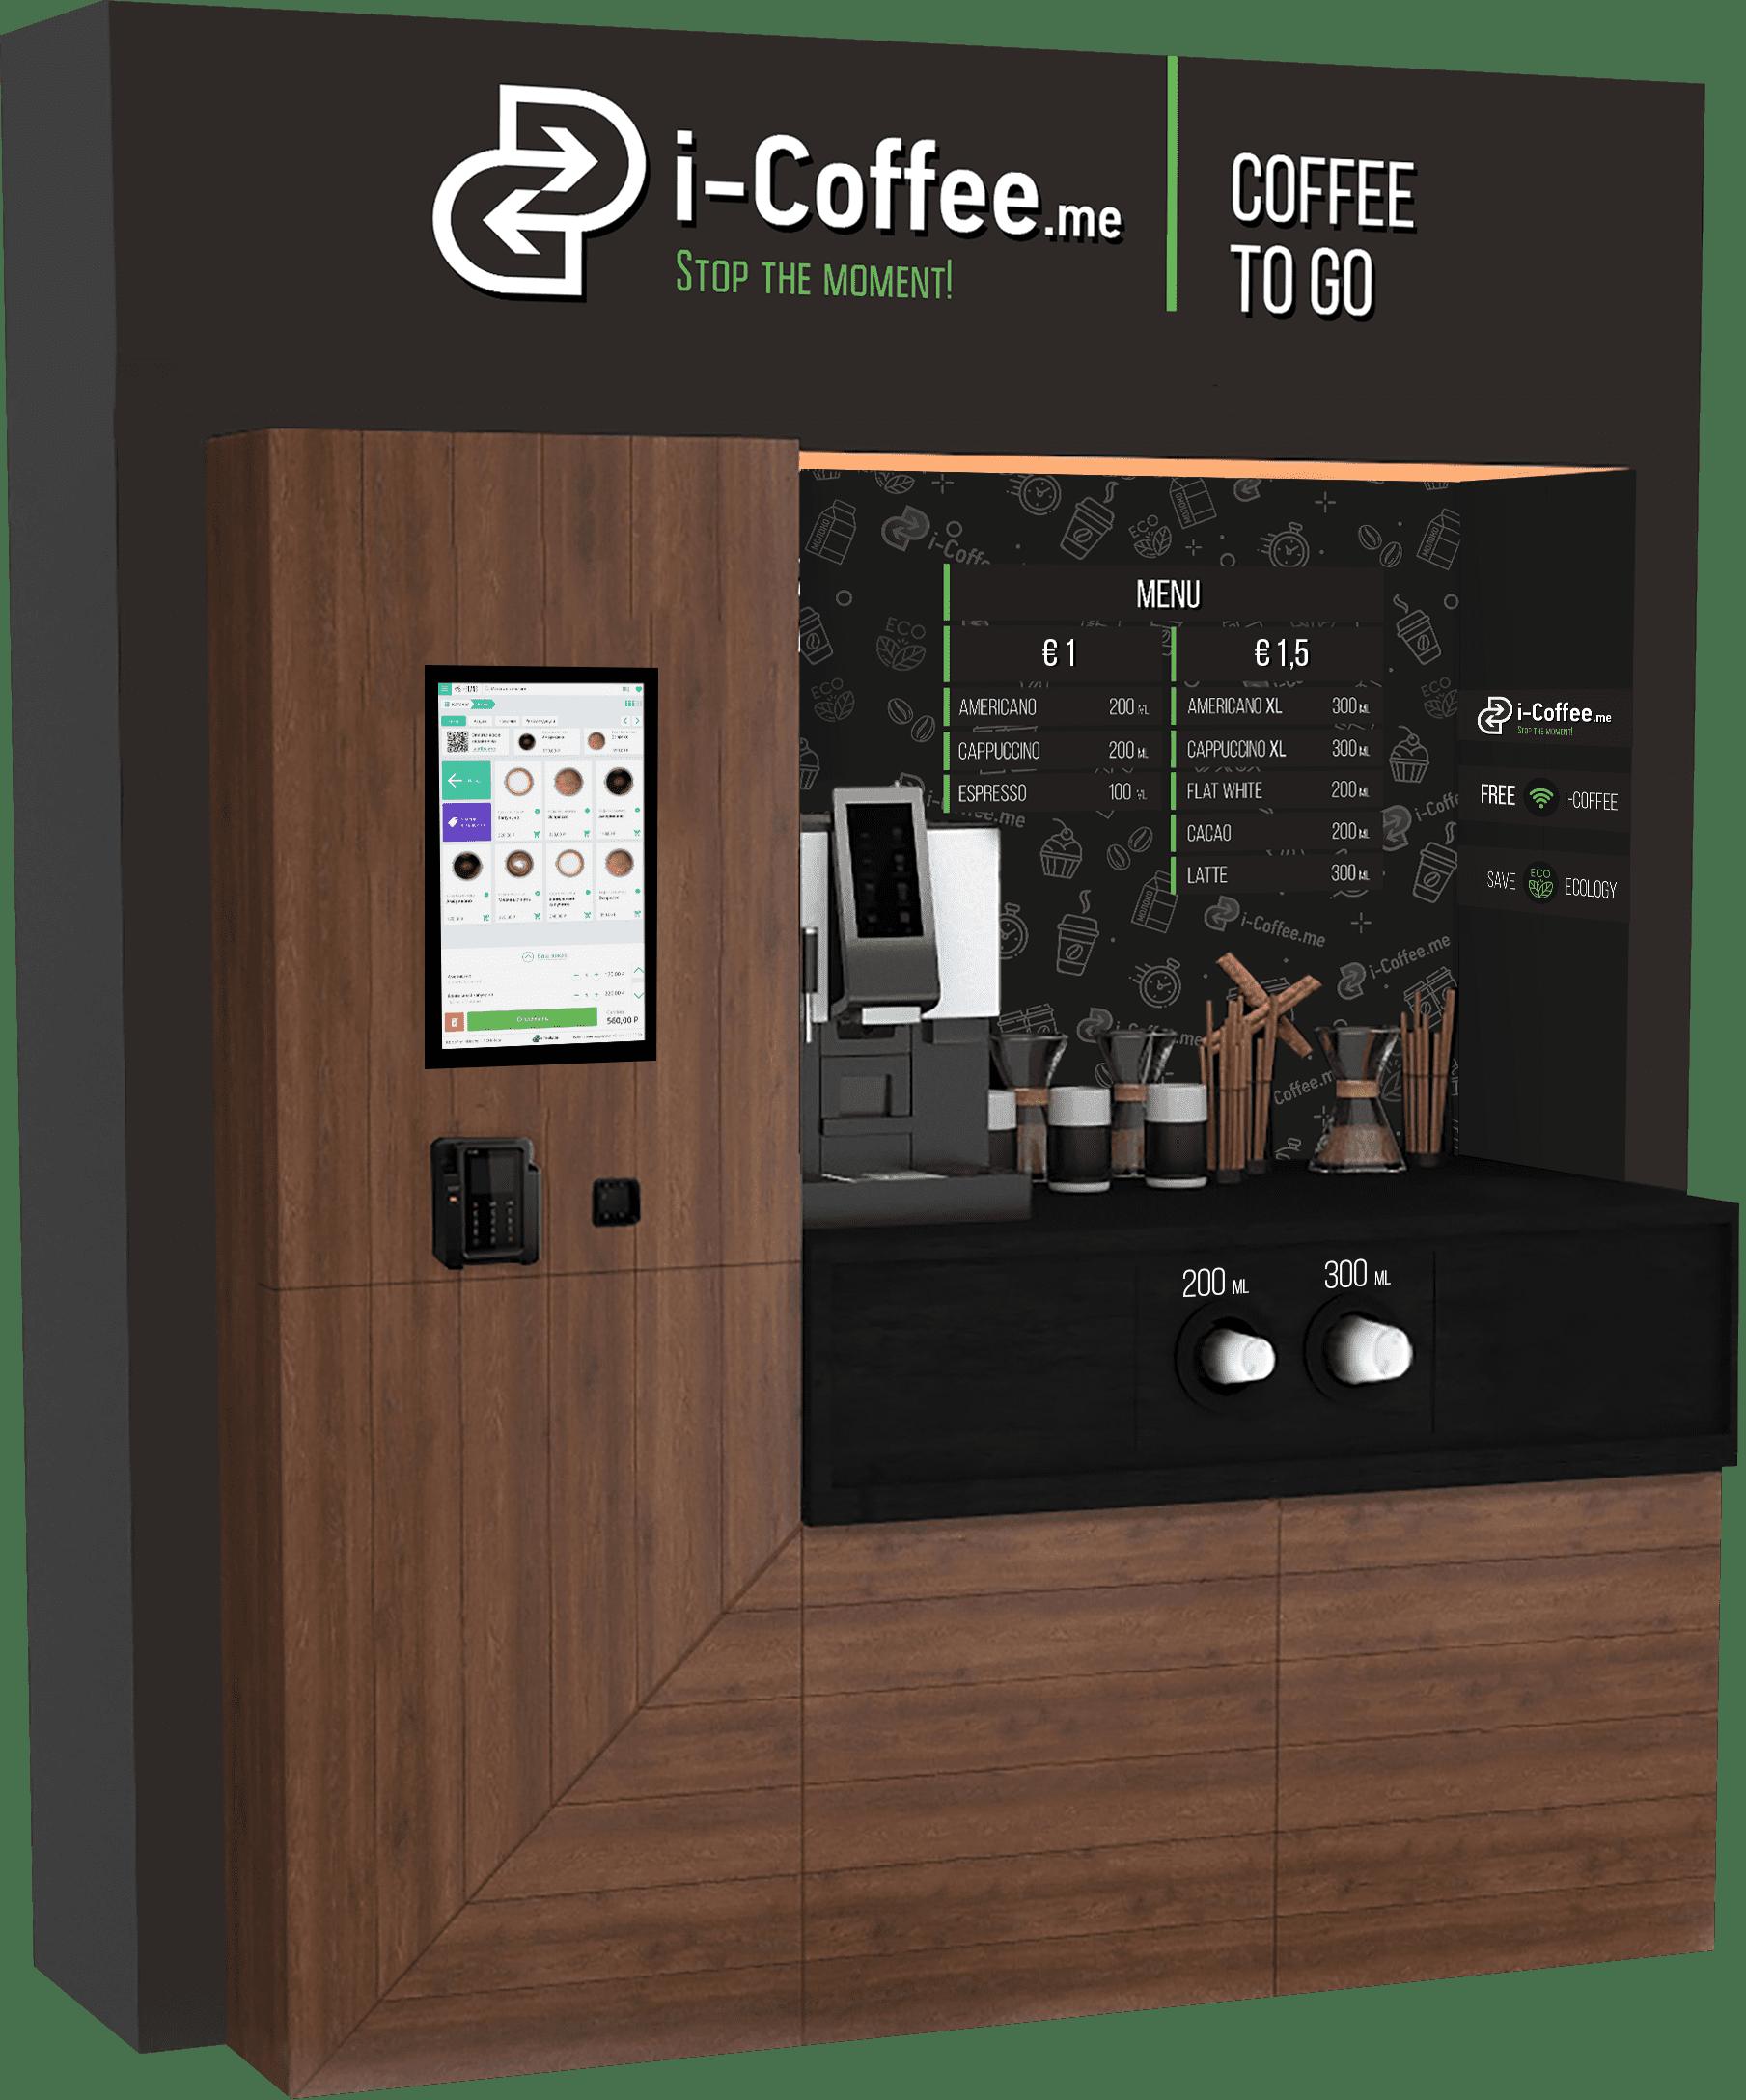 i-Coffee.me